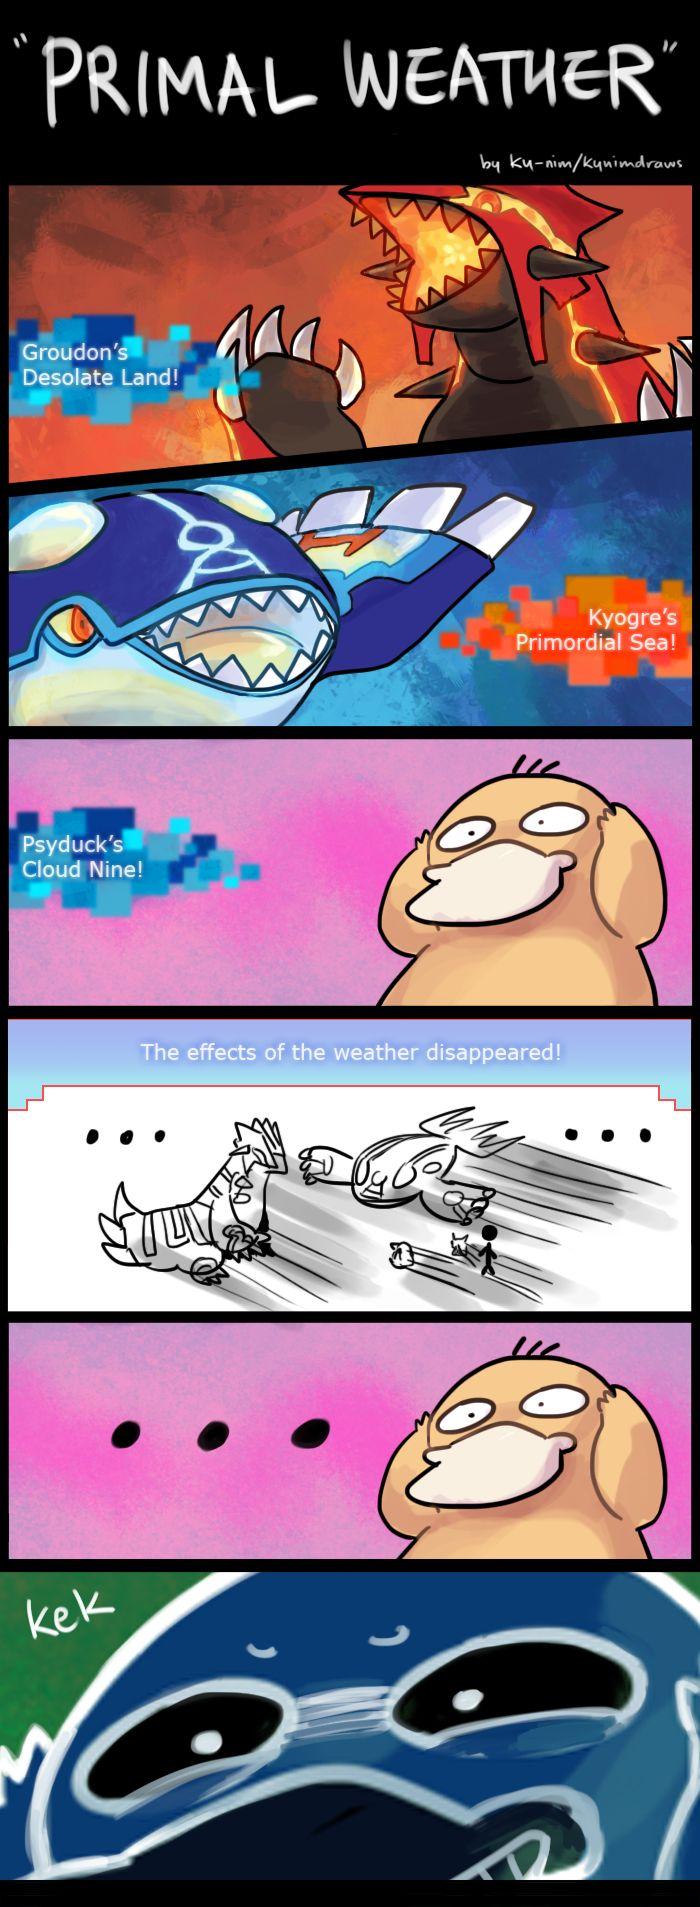 Pokemon ORAS: Primal Weather by ky-nim.deviantart.com on @deviantART